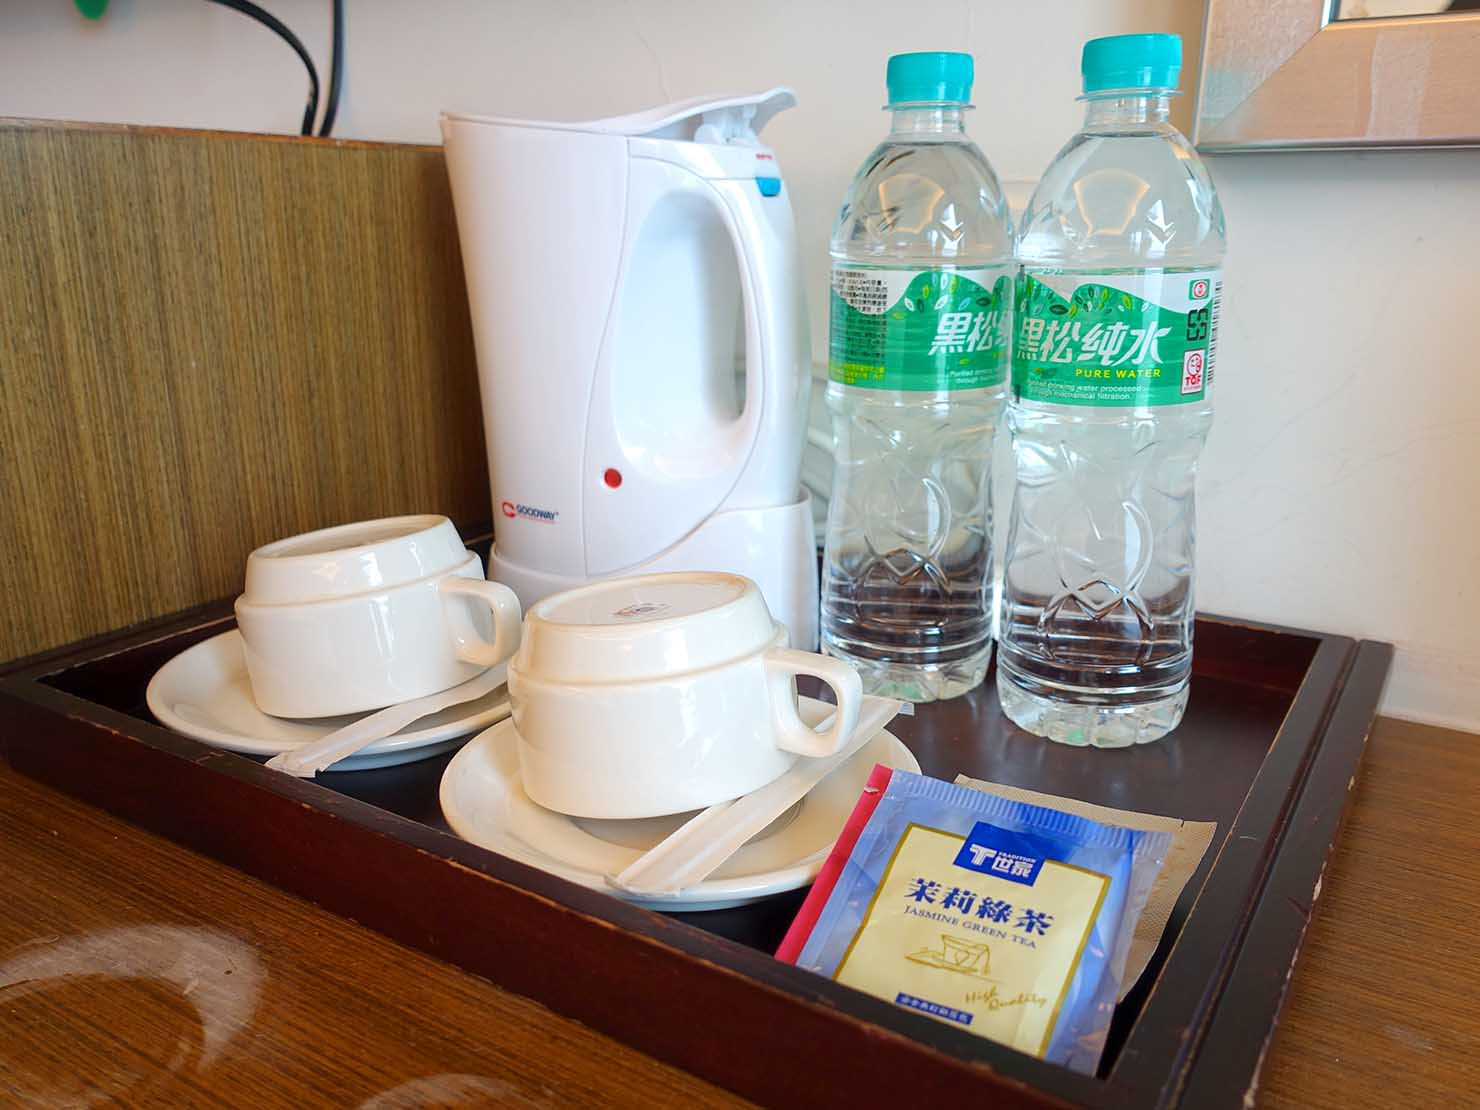 高雄・西子灣の港に立つ海辺のホテル「碧港良居 Watermark Hotel」海景豪華房のサービスミネラルウォーター